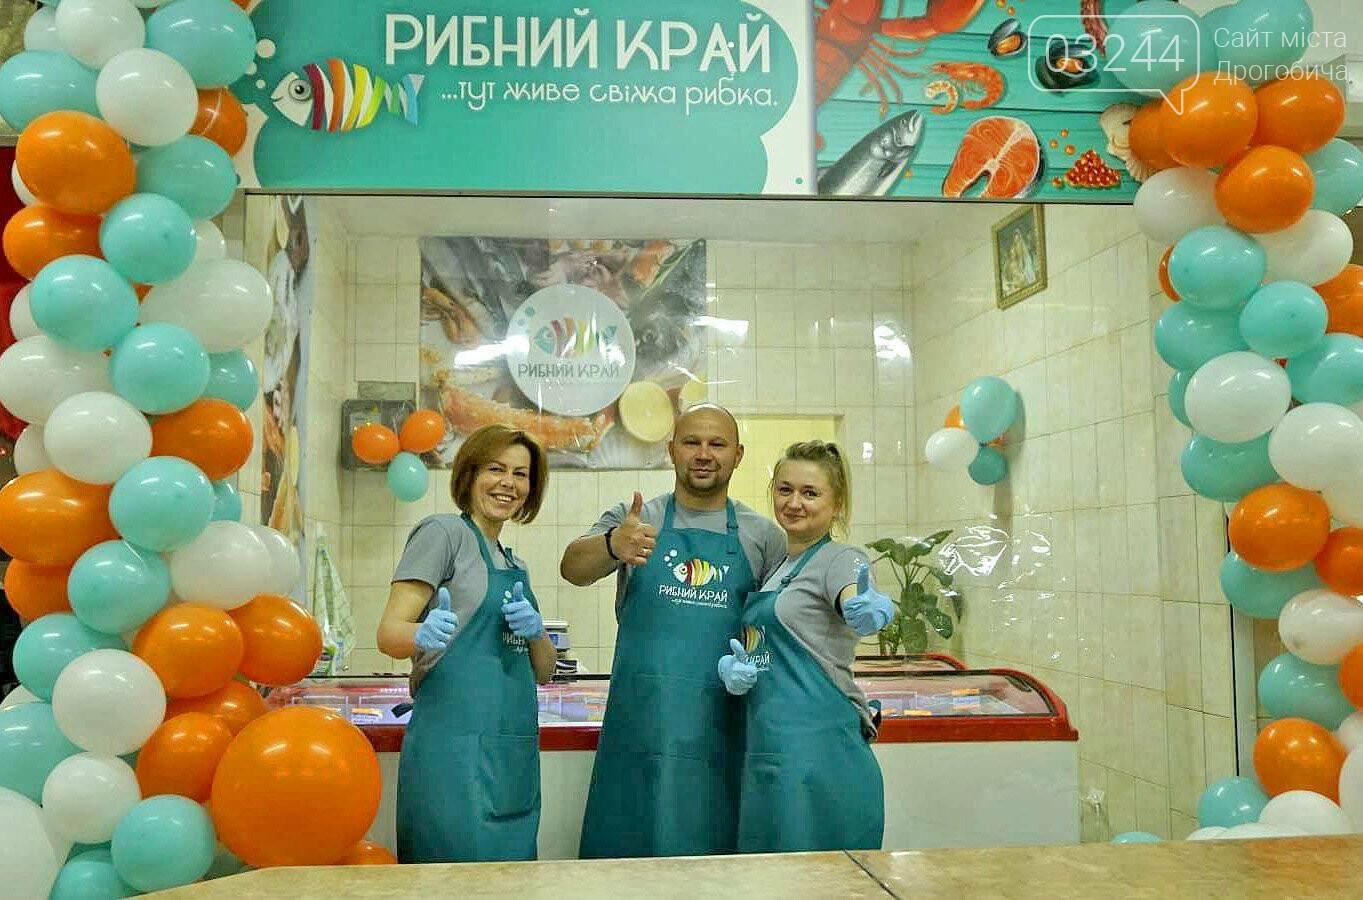 Криза стимулює підприємців розвивати новий бізнес: магазин ексклюзивної морської риби відкрився у Трускавці, фото-3